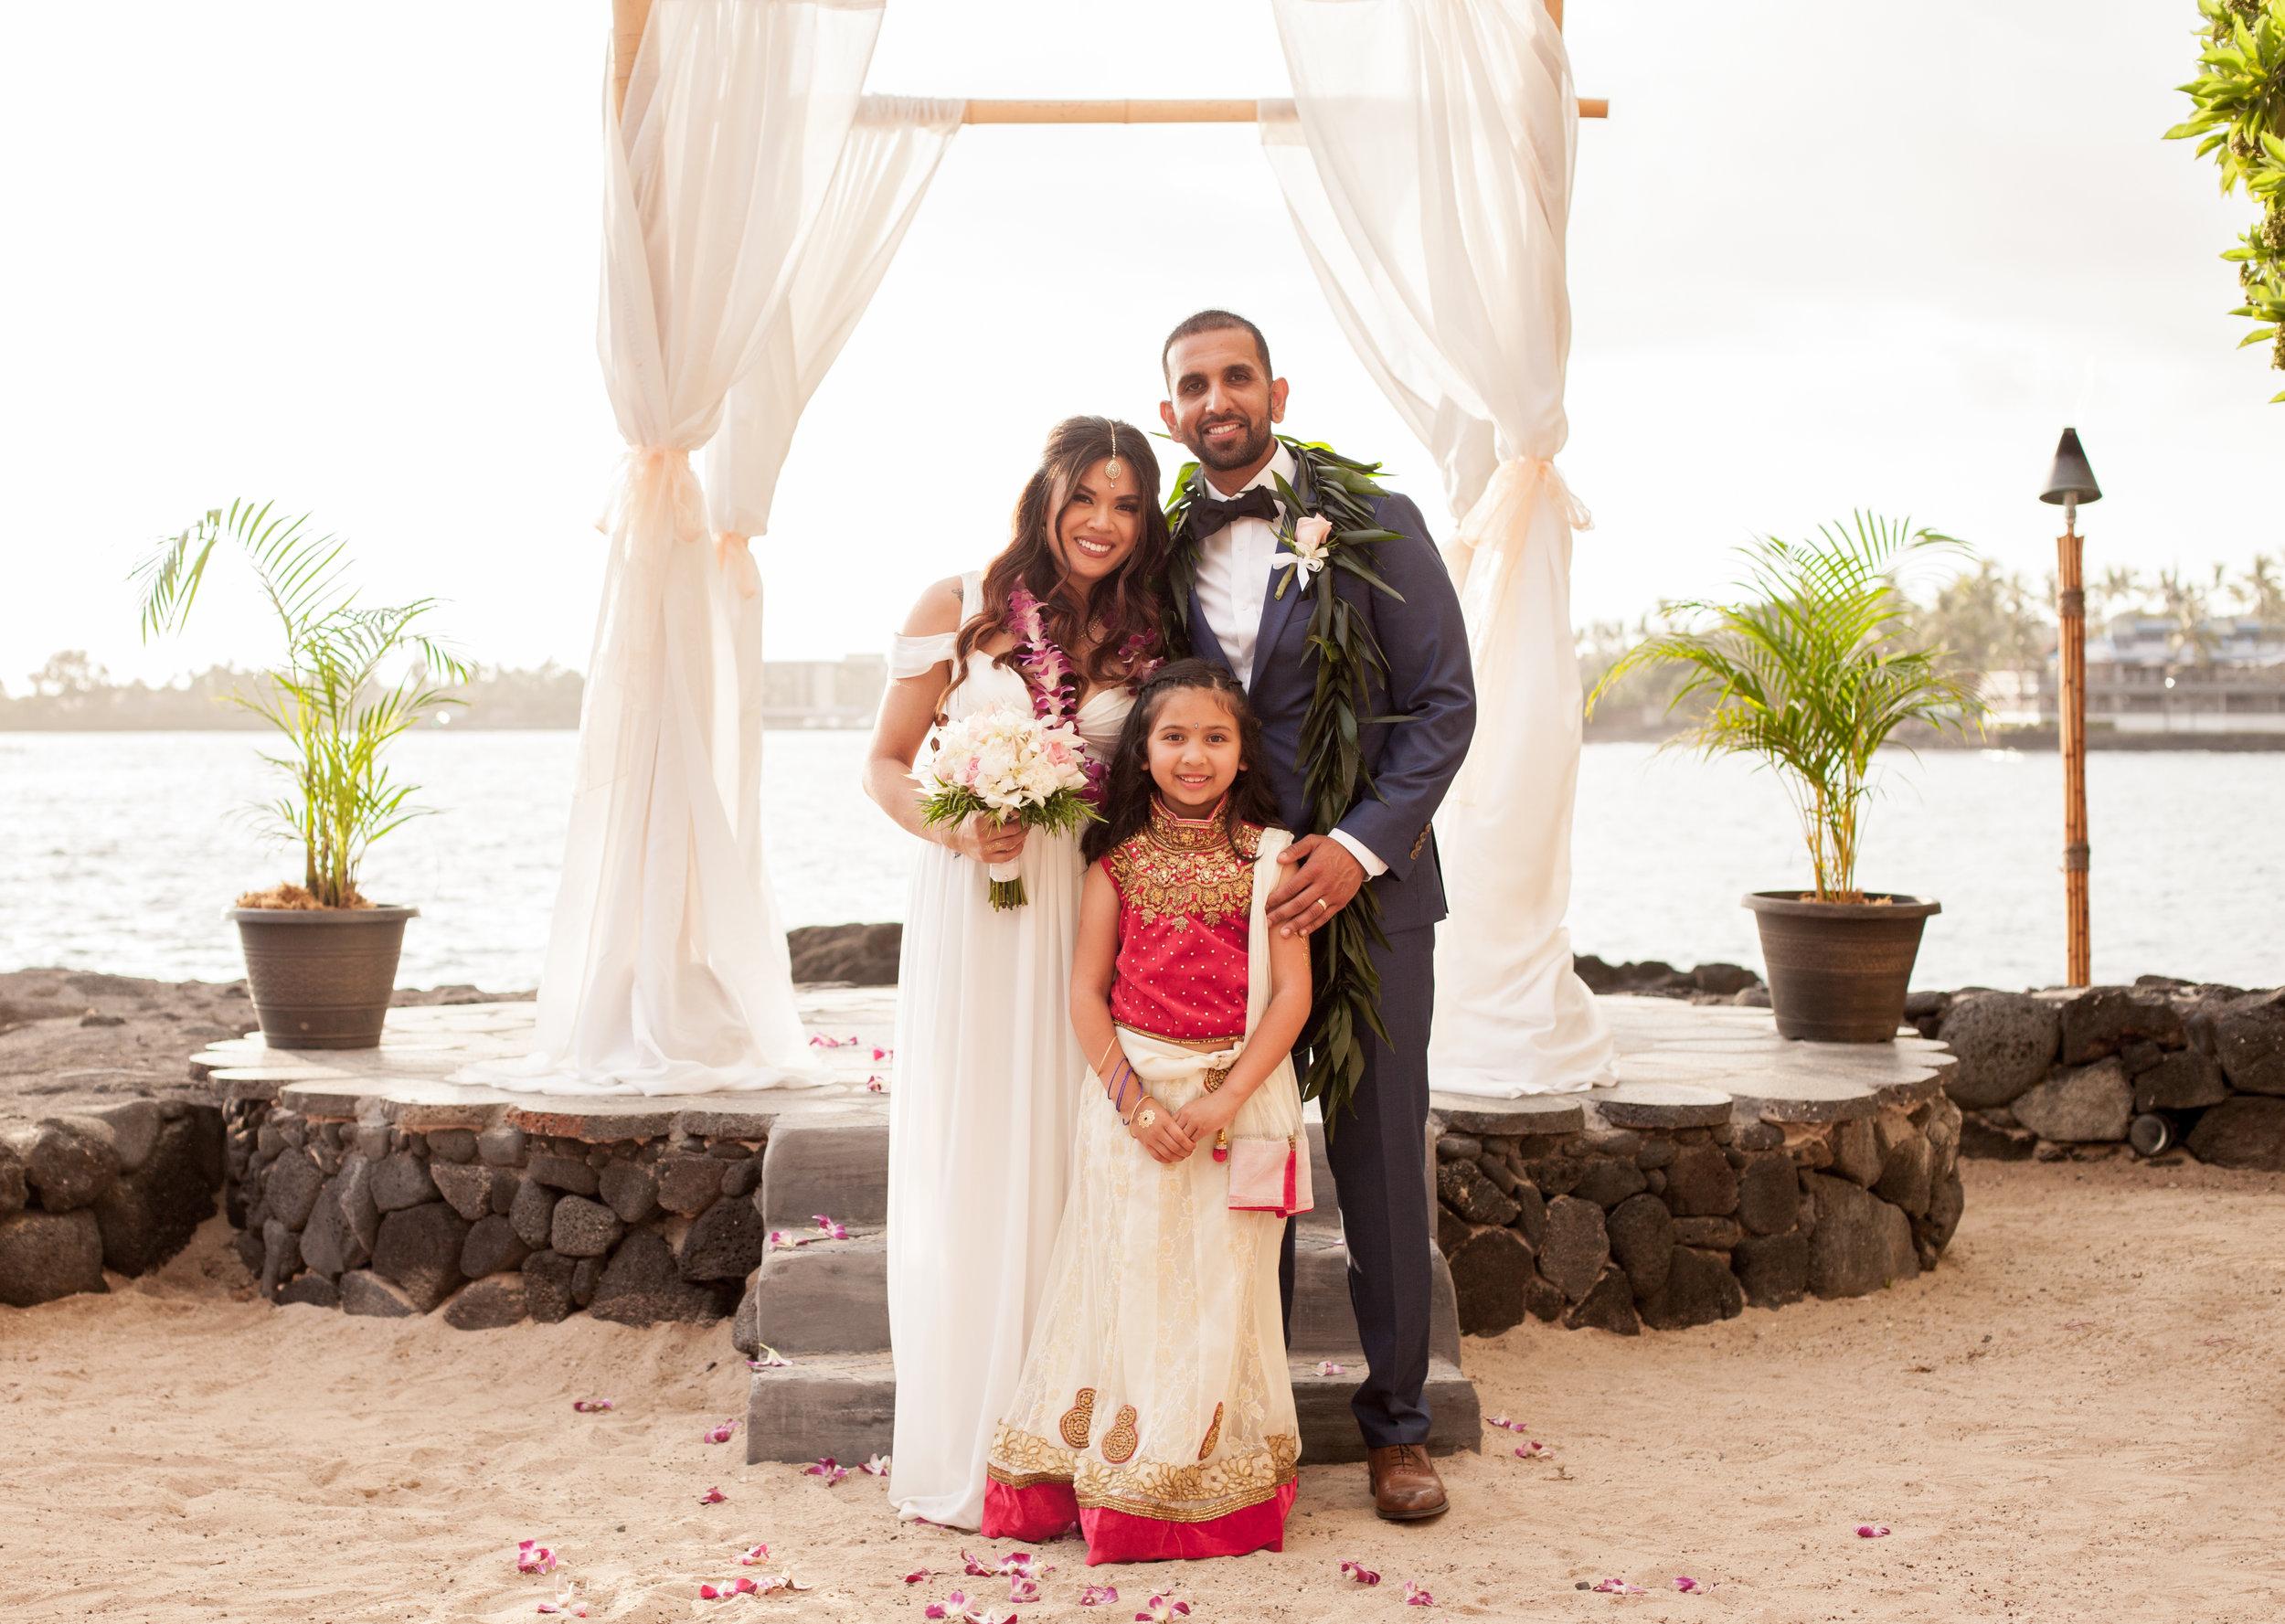 big island hawaii royal kona resort beach wedding © kelilina photography 20170615182247.jpg